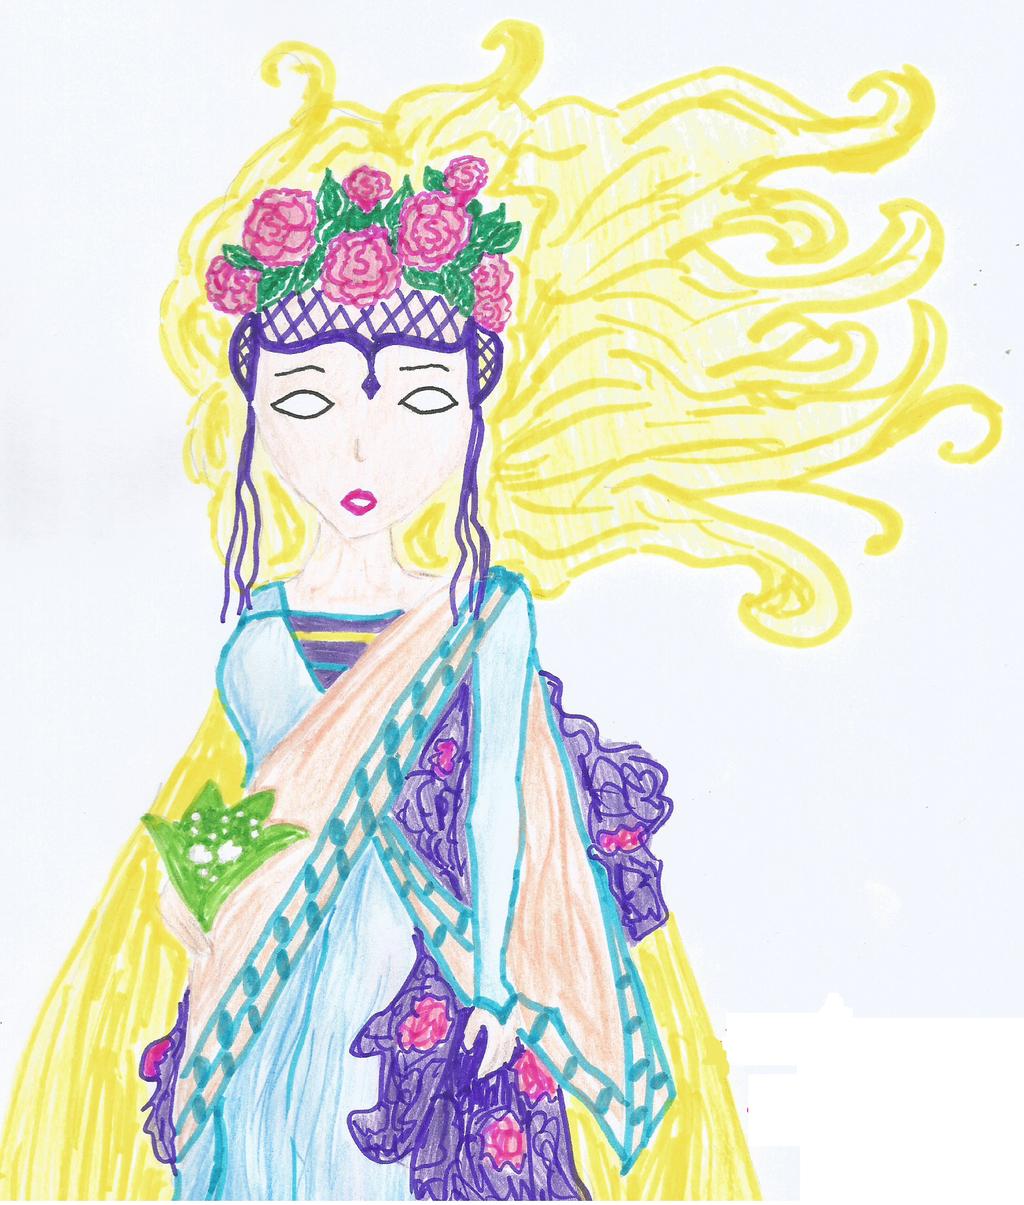 Lady Spring by LivreRose